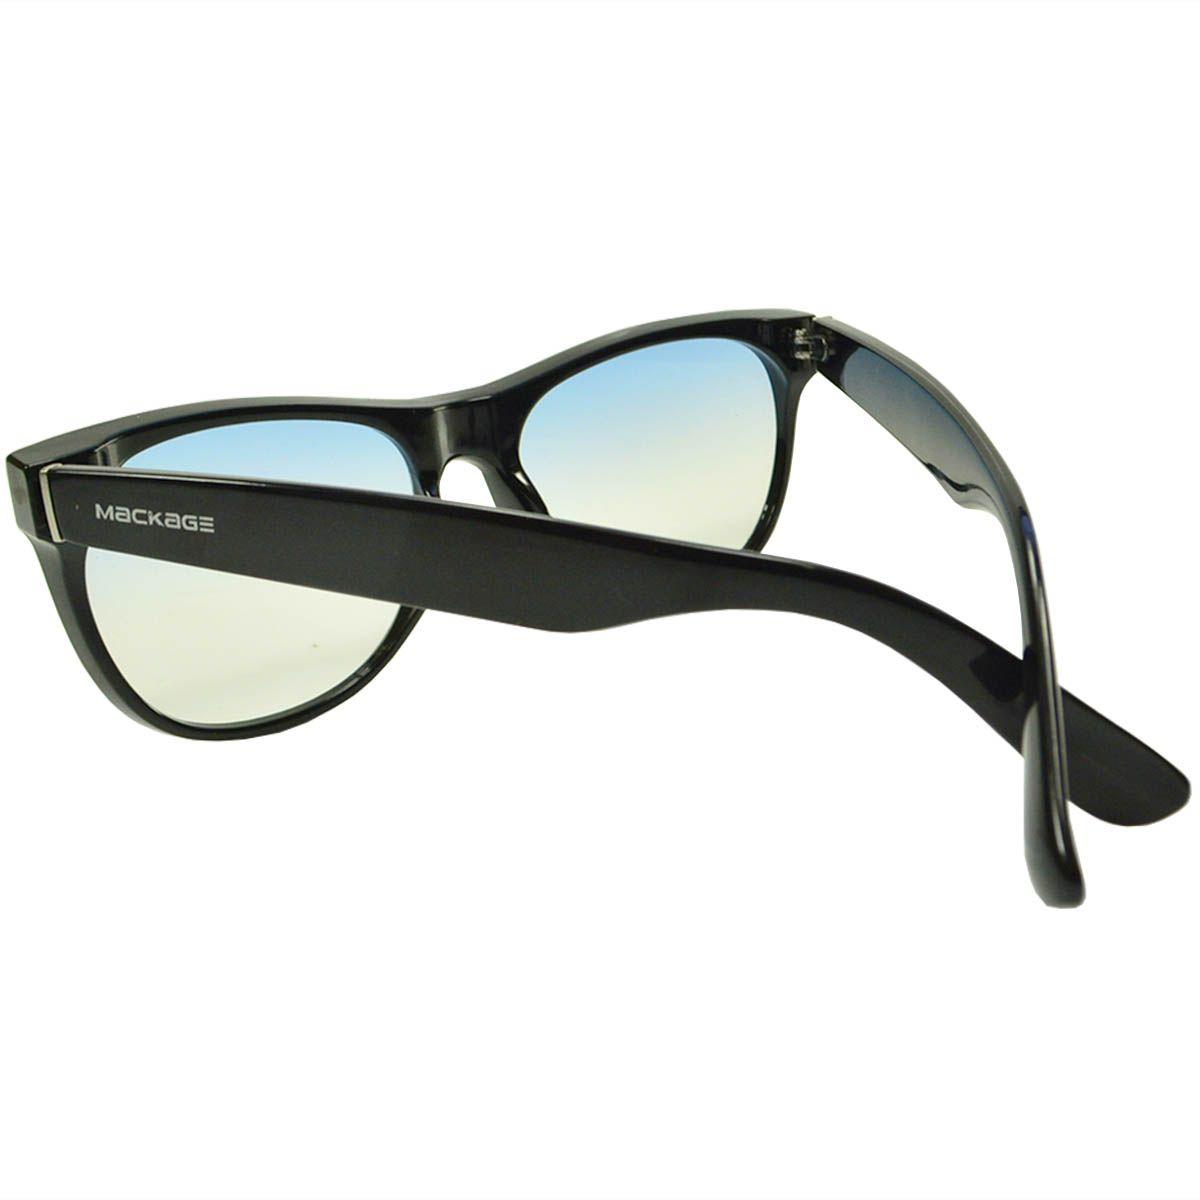 Óculos De Sol Mackage Mk2160 Preto